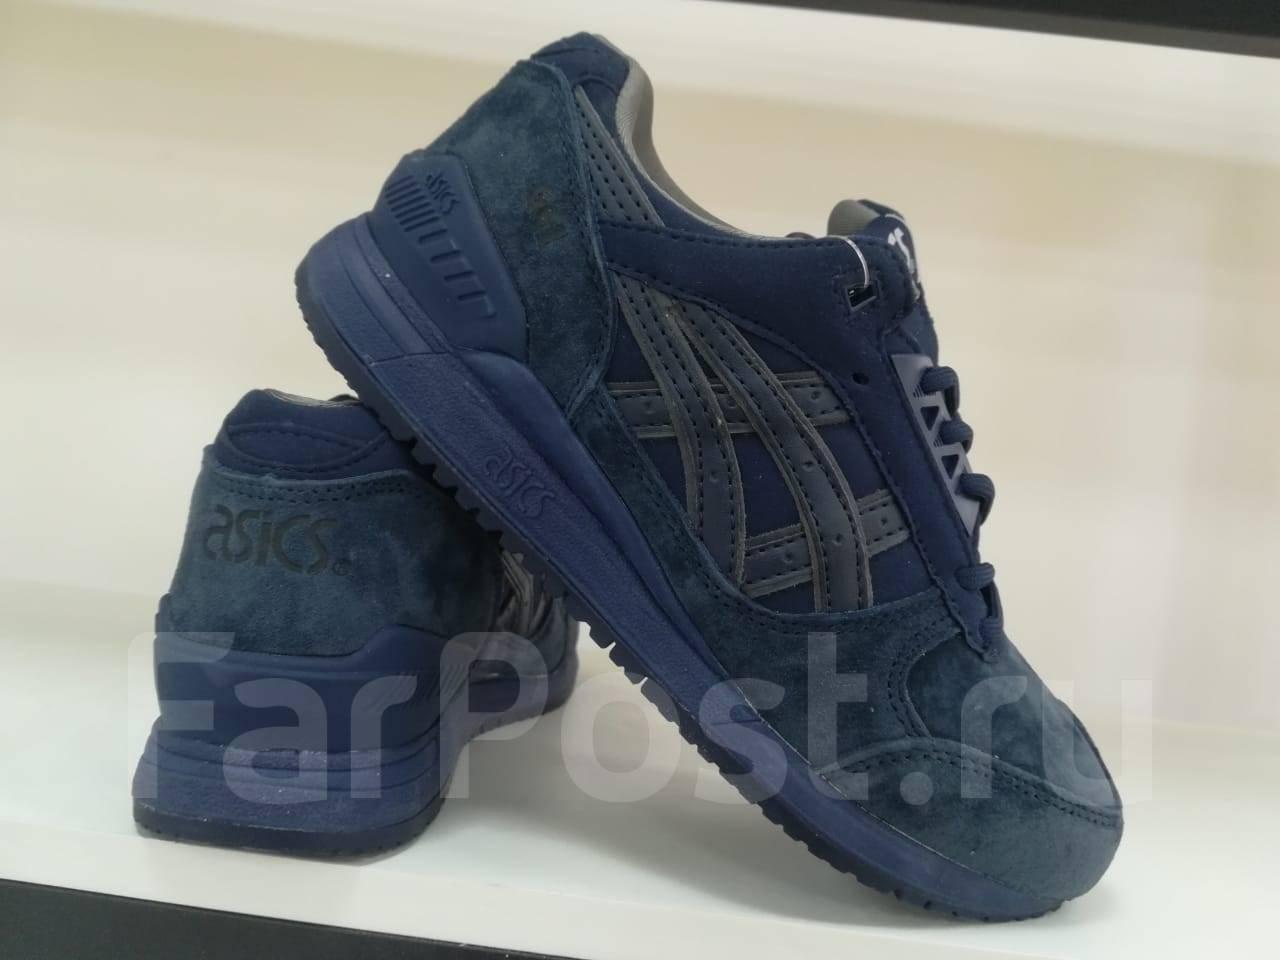 108e5e58 Мужская обувь - купить во Владивостоке. Цены, фото!